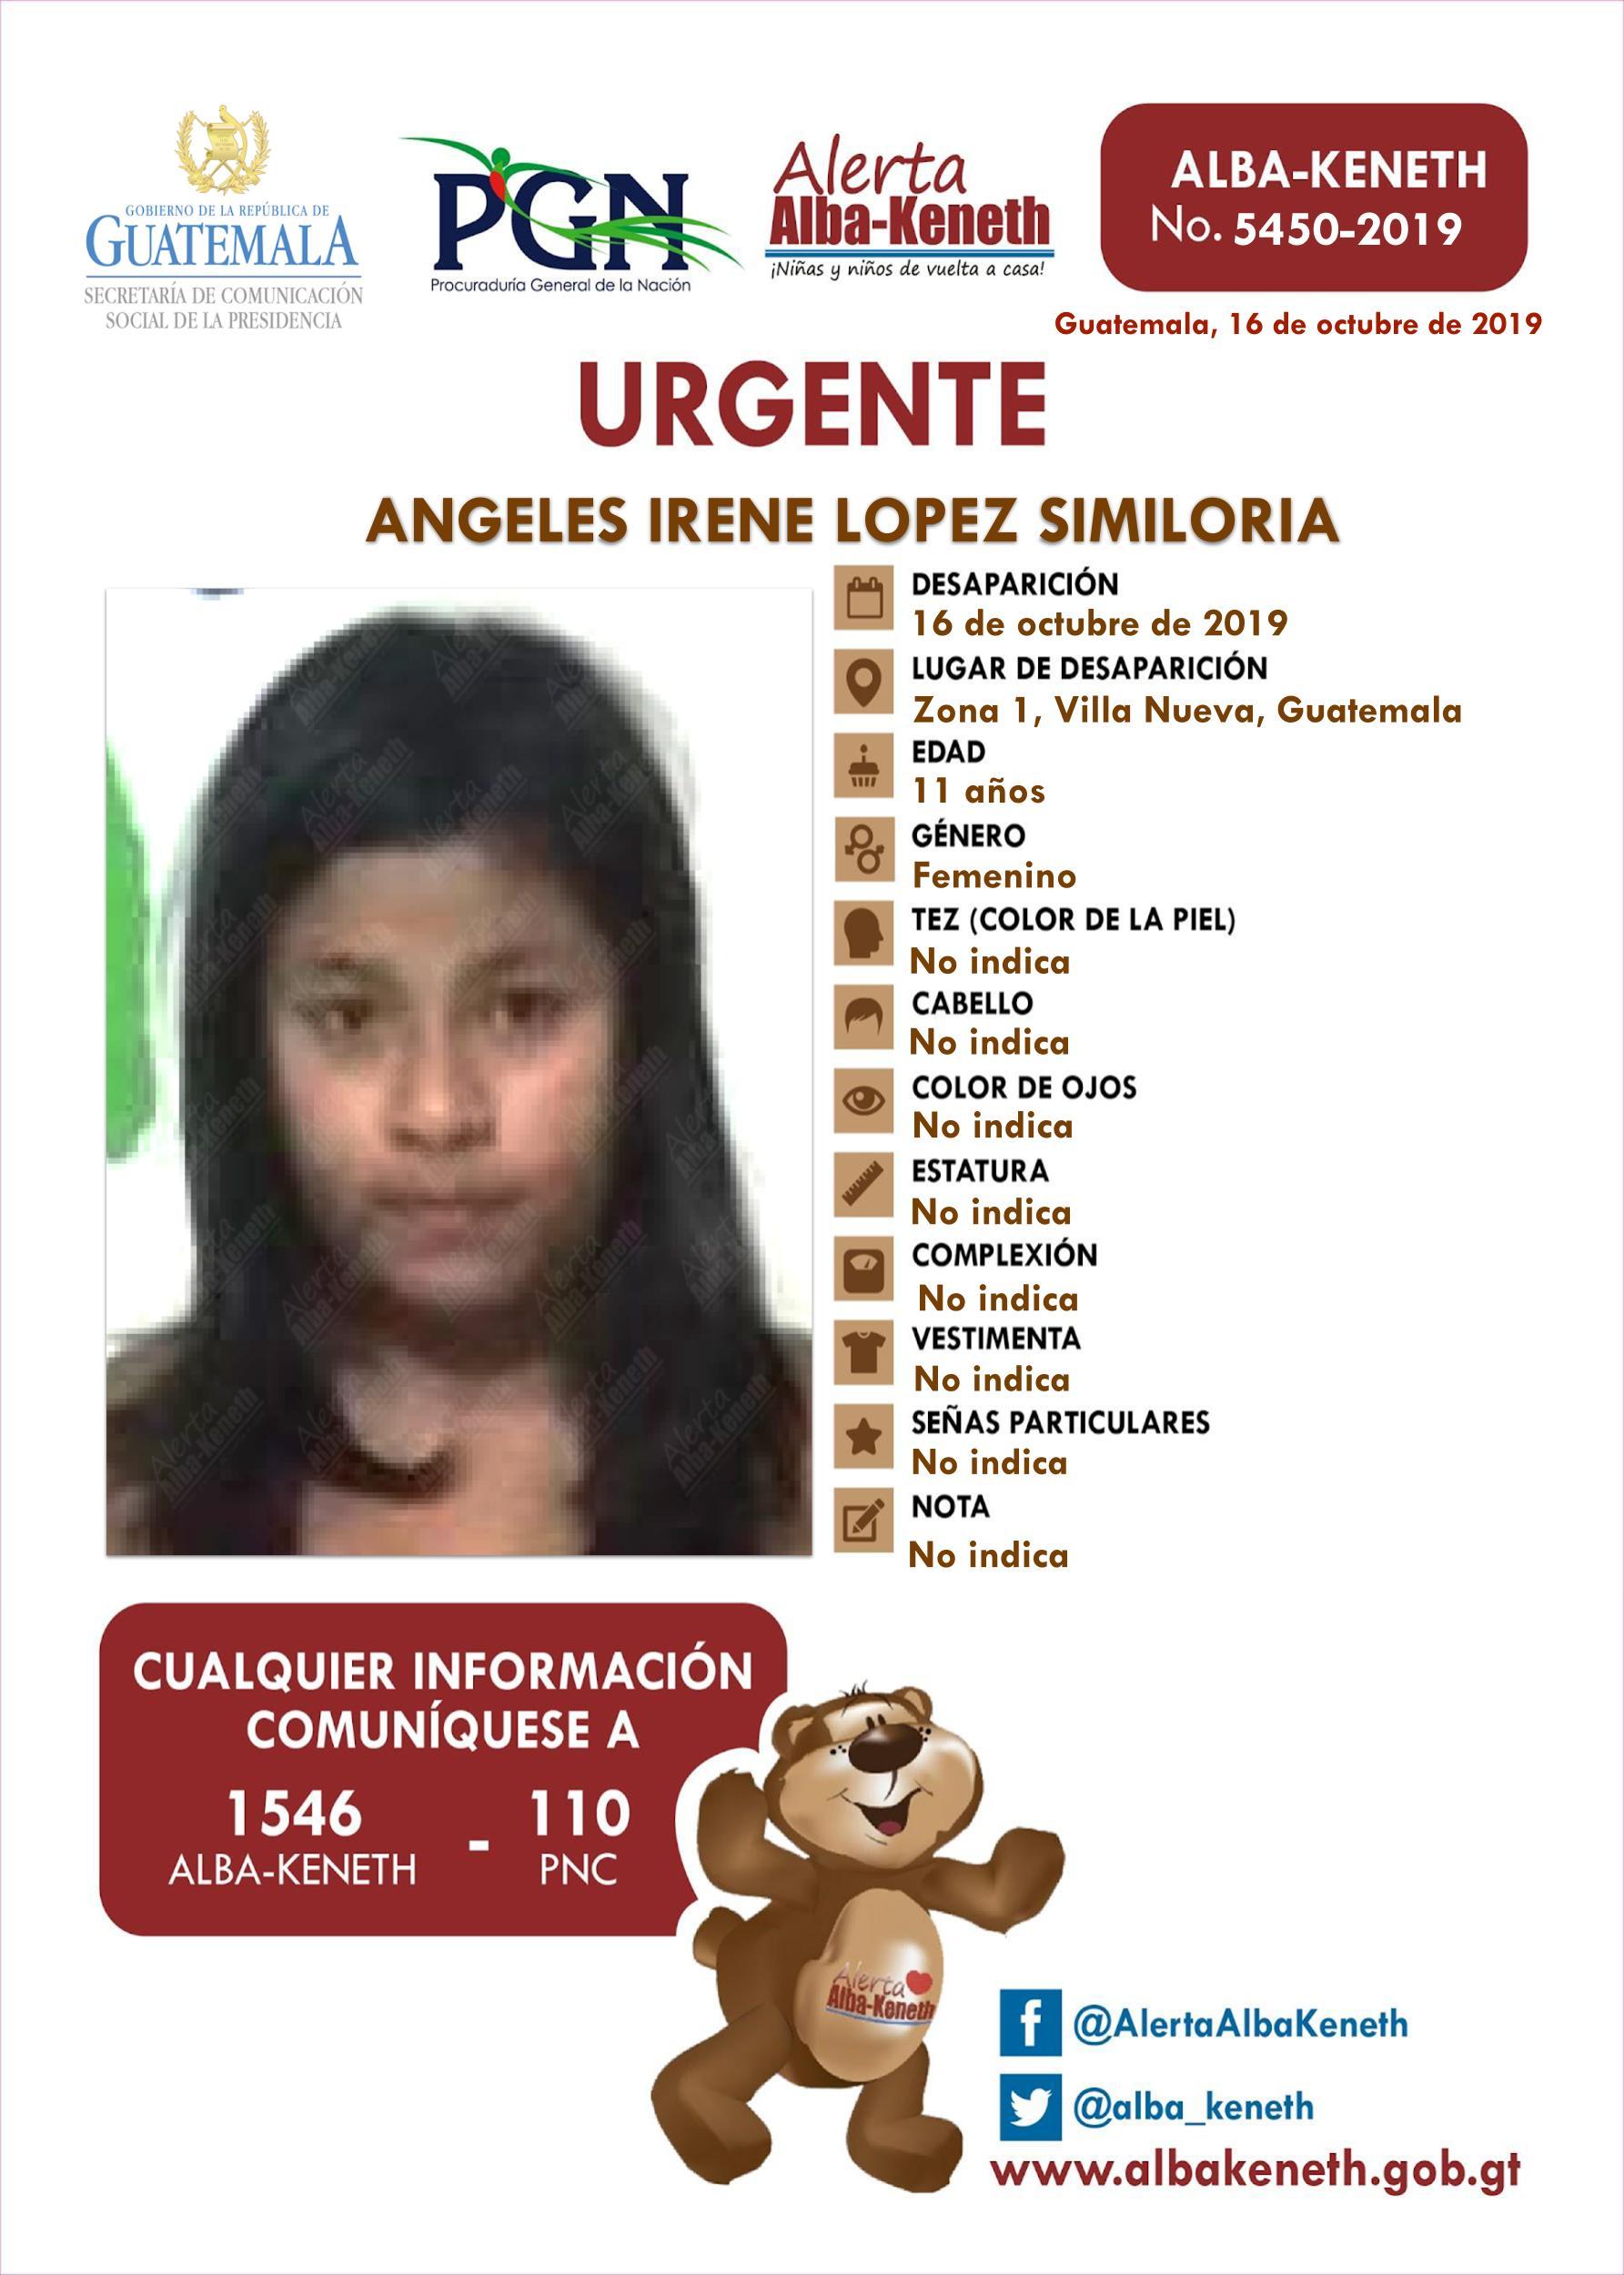 Angeles Irene Lopez Similoria